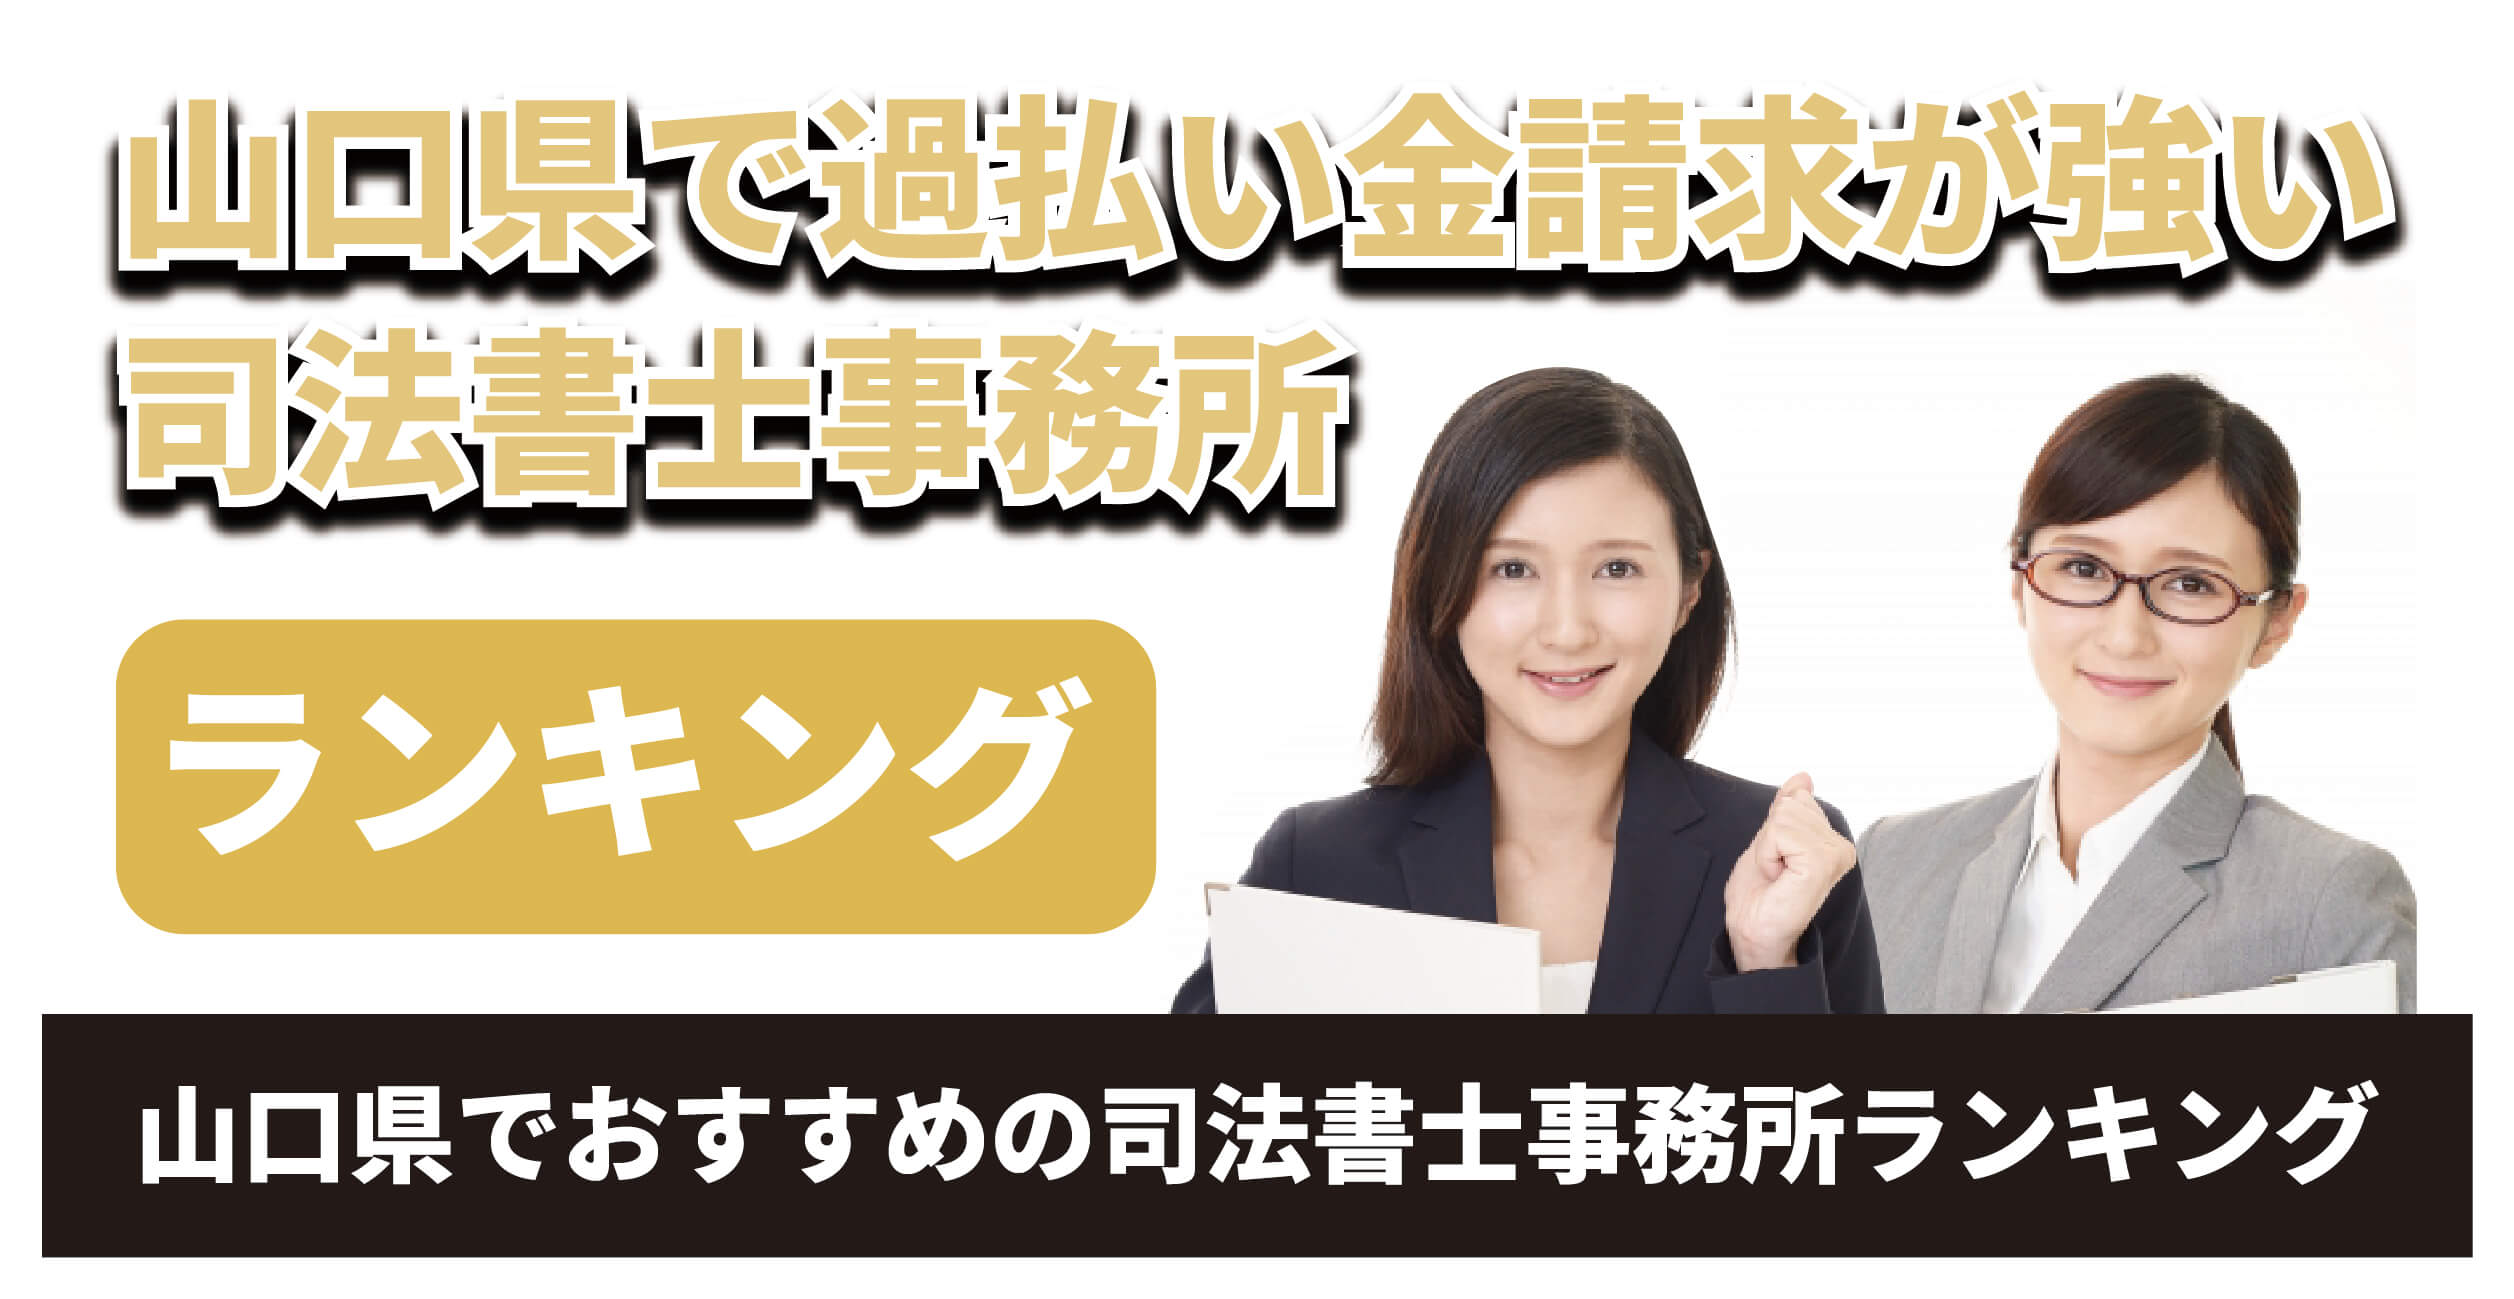 山口県で過払い金請求が強い司法書士は?